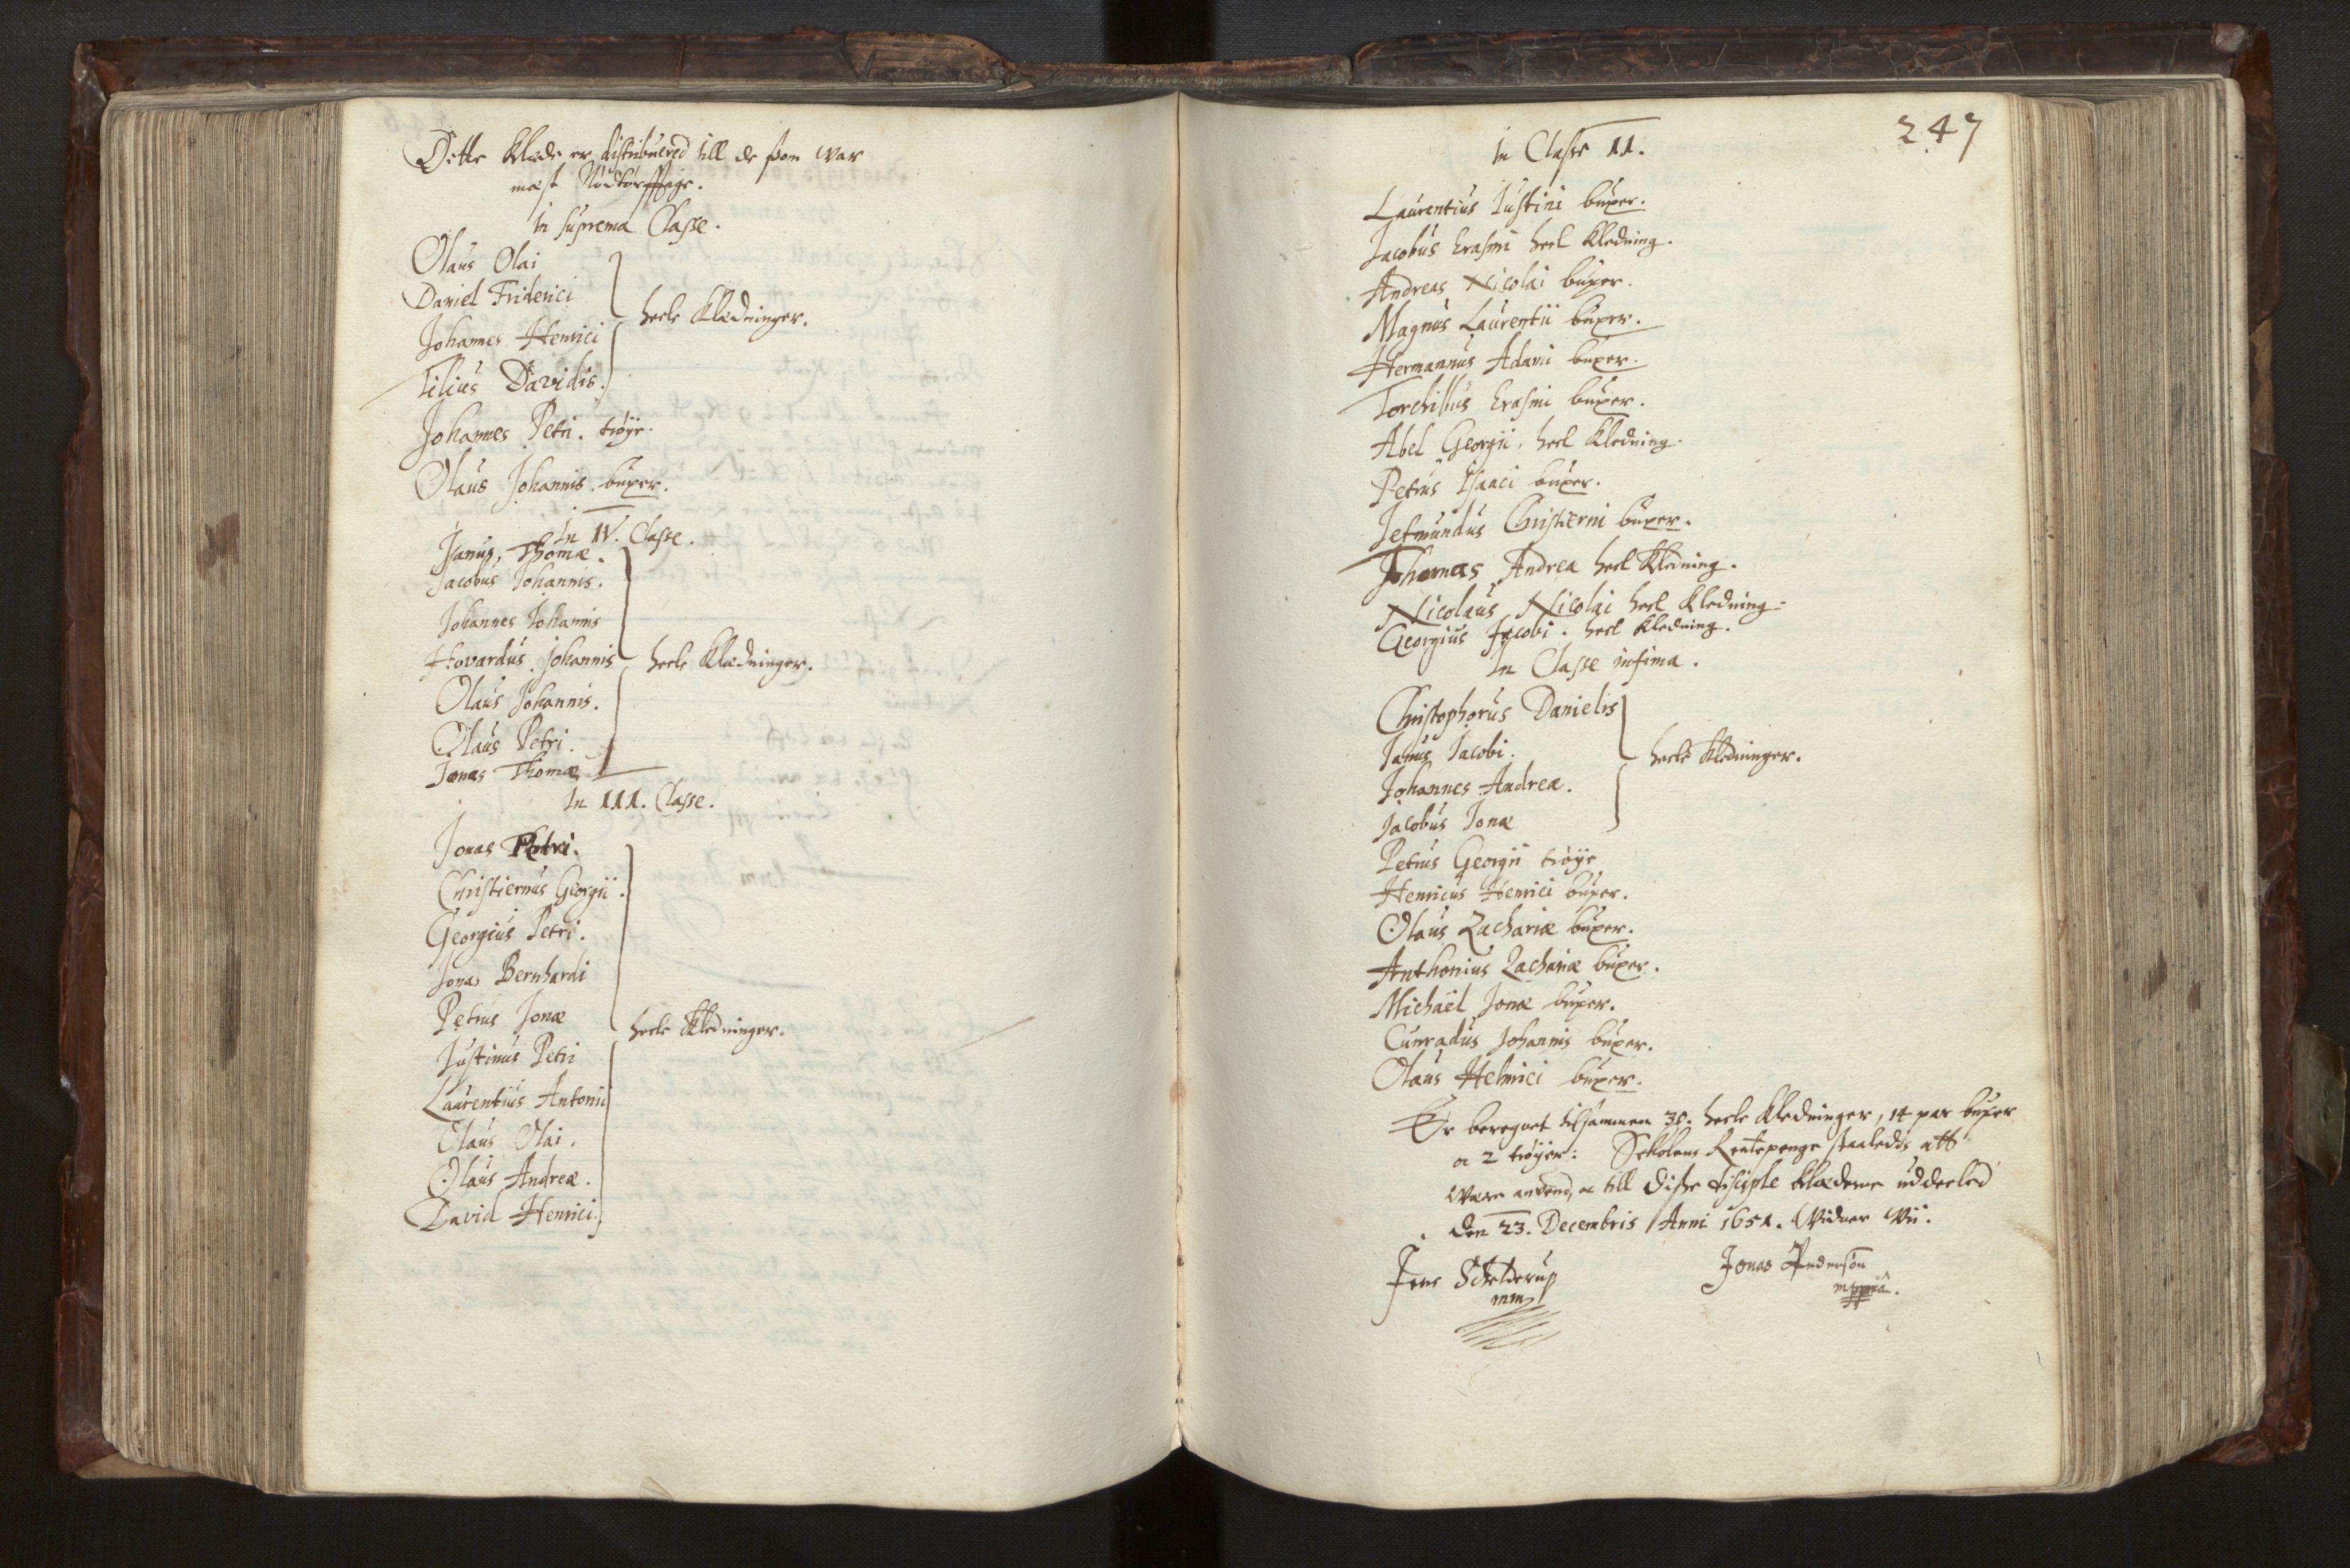 SAB, Bjørgvin biskop, Ga/L0014: Jordebøker for geistleg gods og andre rekneskapsprotokollar, 1609-1737, s. 246b-247a